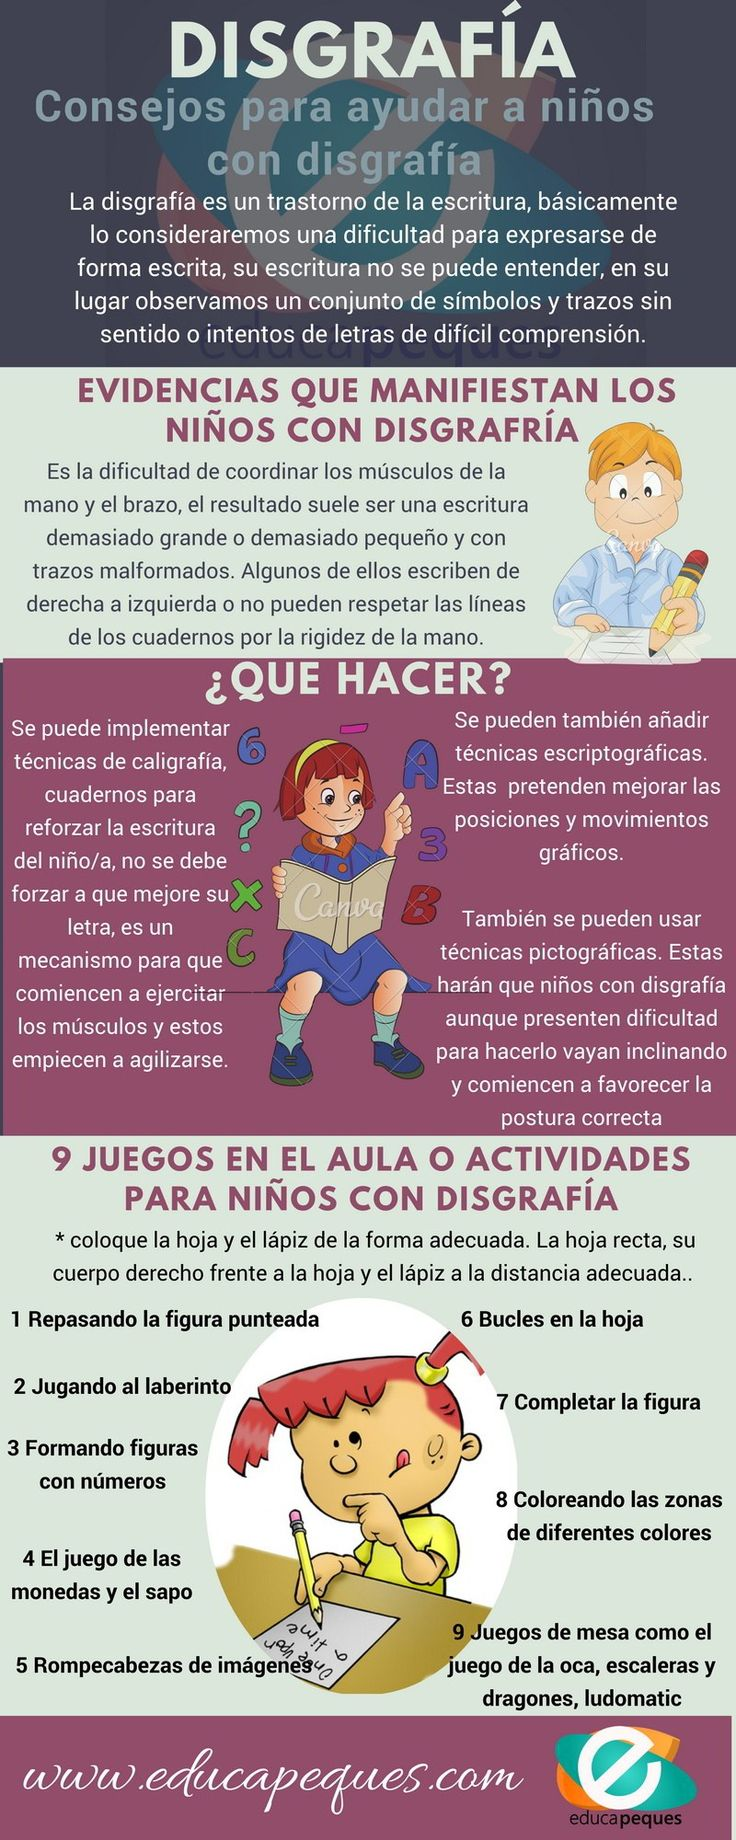 Disgrafía en los niños